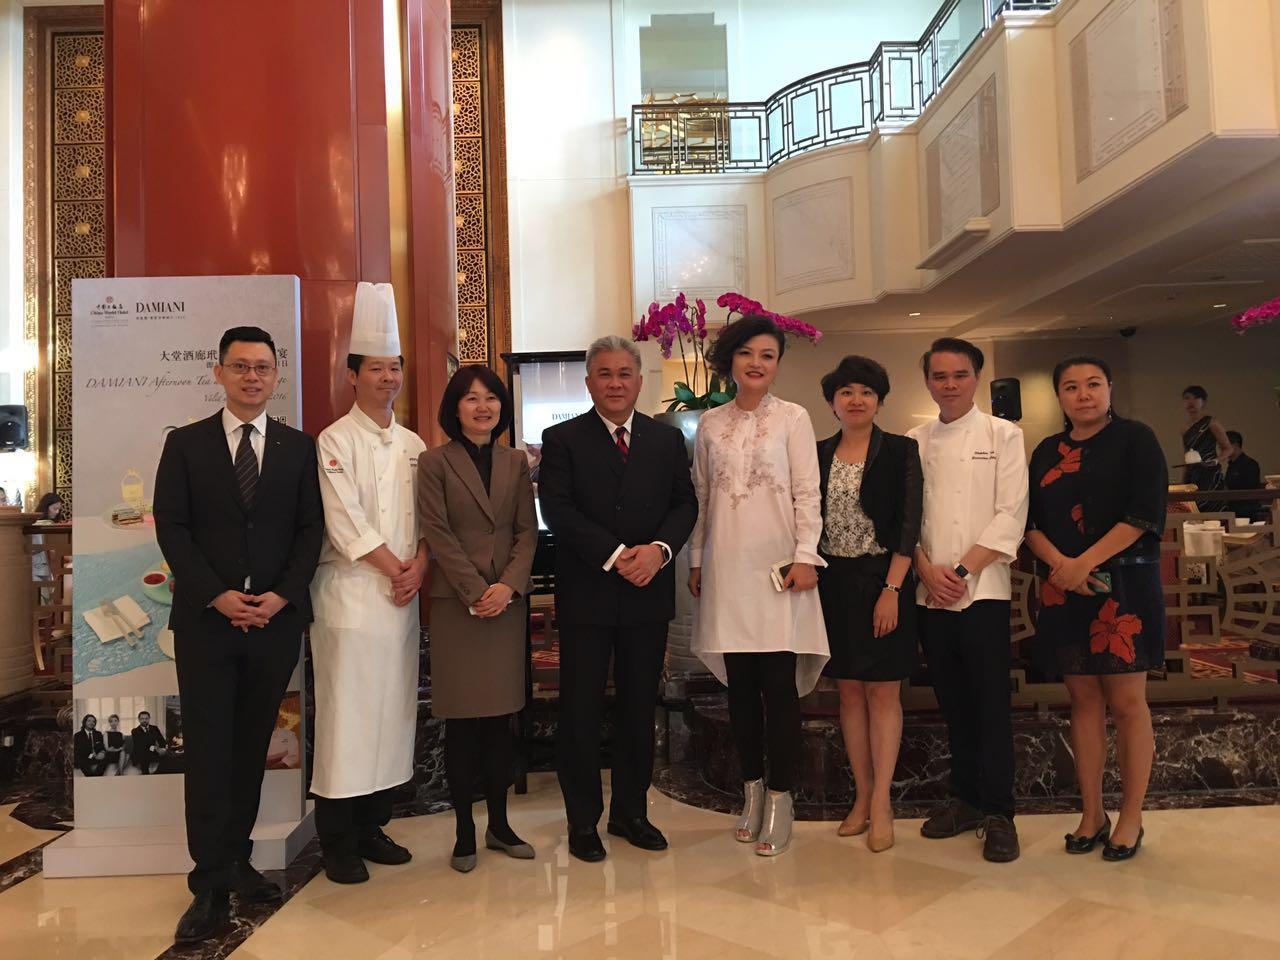 北京中国大饭店与意大利首屈一指的纯手工制作顶级珠宝品牌DAMIANI(玳美雅)共同携手创作DAMIANI 玳美雅蝴蝶系列精品下午茶宴。自2016年5月5日起至7月31日期间,宾客可以在酒店大堂酒廊尽情享受这款美味与艺术完美结合的下午茶宴。   受璀璨珠宝启发,中国大饭店饼房厨师长吴迪独具匠心设计出蝴蝶系列下午茶宴,使得精致美馔与奢华珠宝迸发出绚烂华丽的火花。精致小巧的翻糖钻戒、栩栩如生的巧克力奢侈手包与高跟鞋、以及精心雕刻出的镂空巧克力造型蝴蝶等细节处处与DAMIANI(玳美雅)蝴蝶系列珠宝相互辉映,